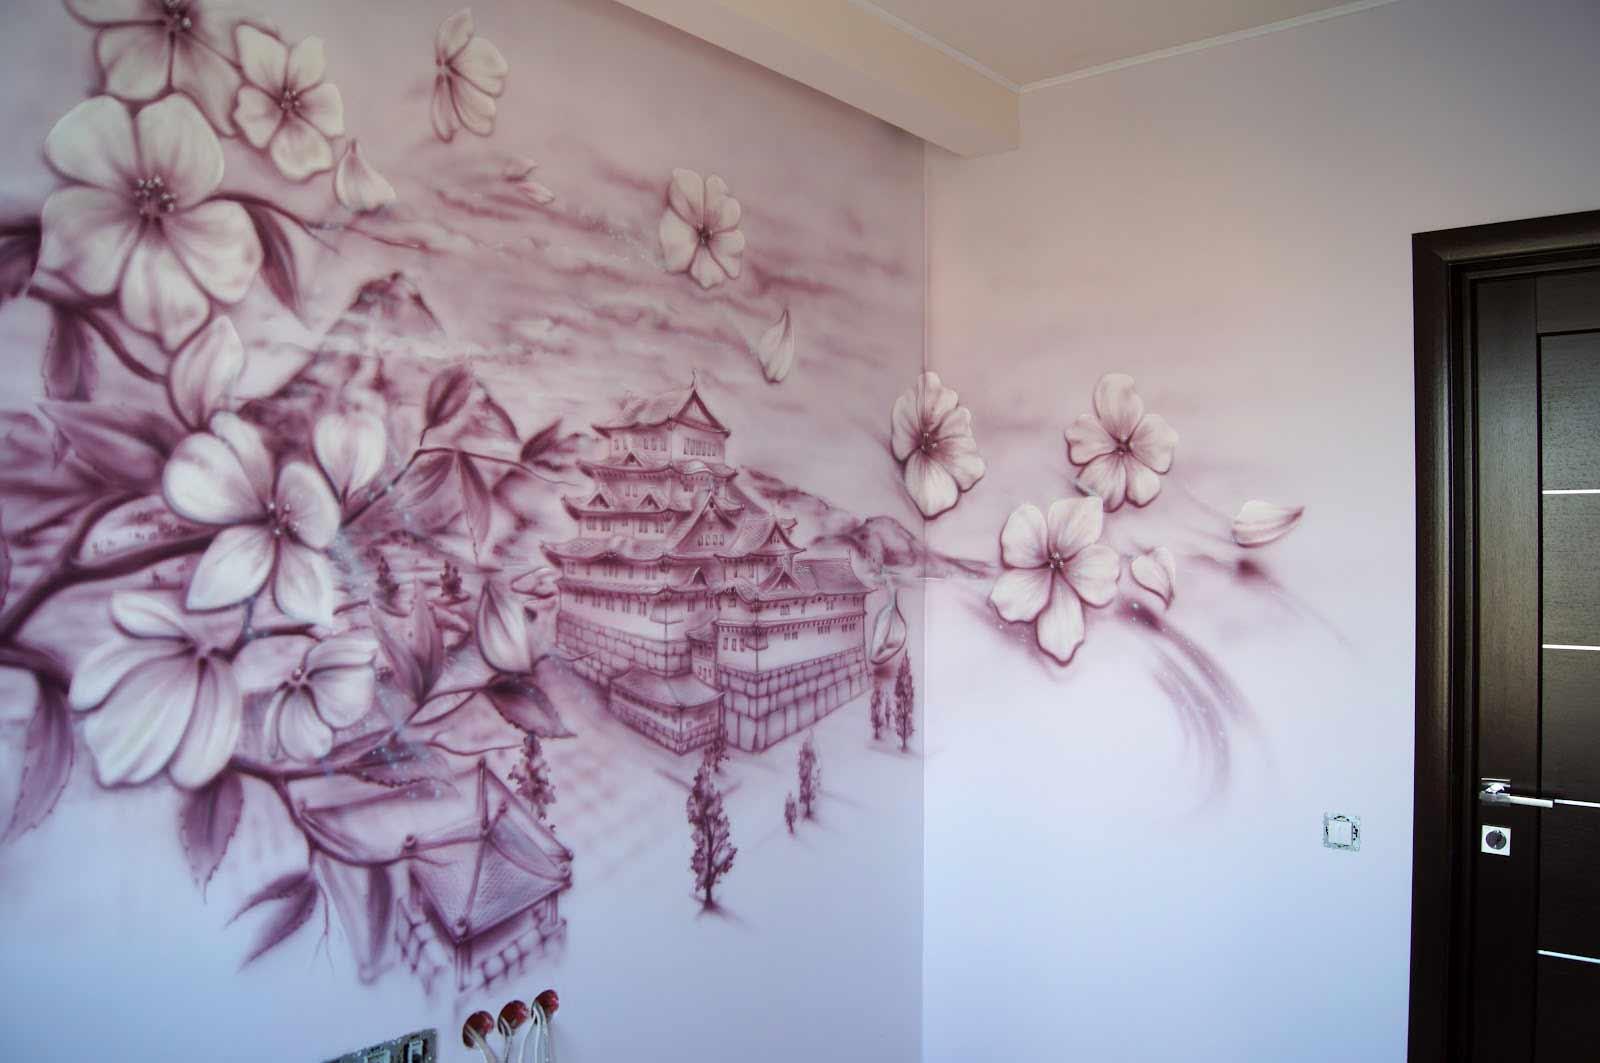 Картины нарисованные на стенах в квартире своими руками фото 863